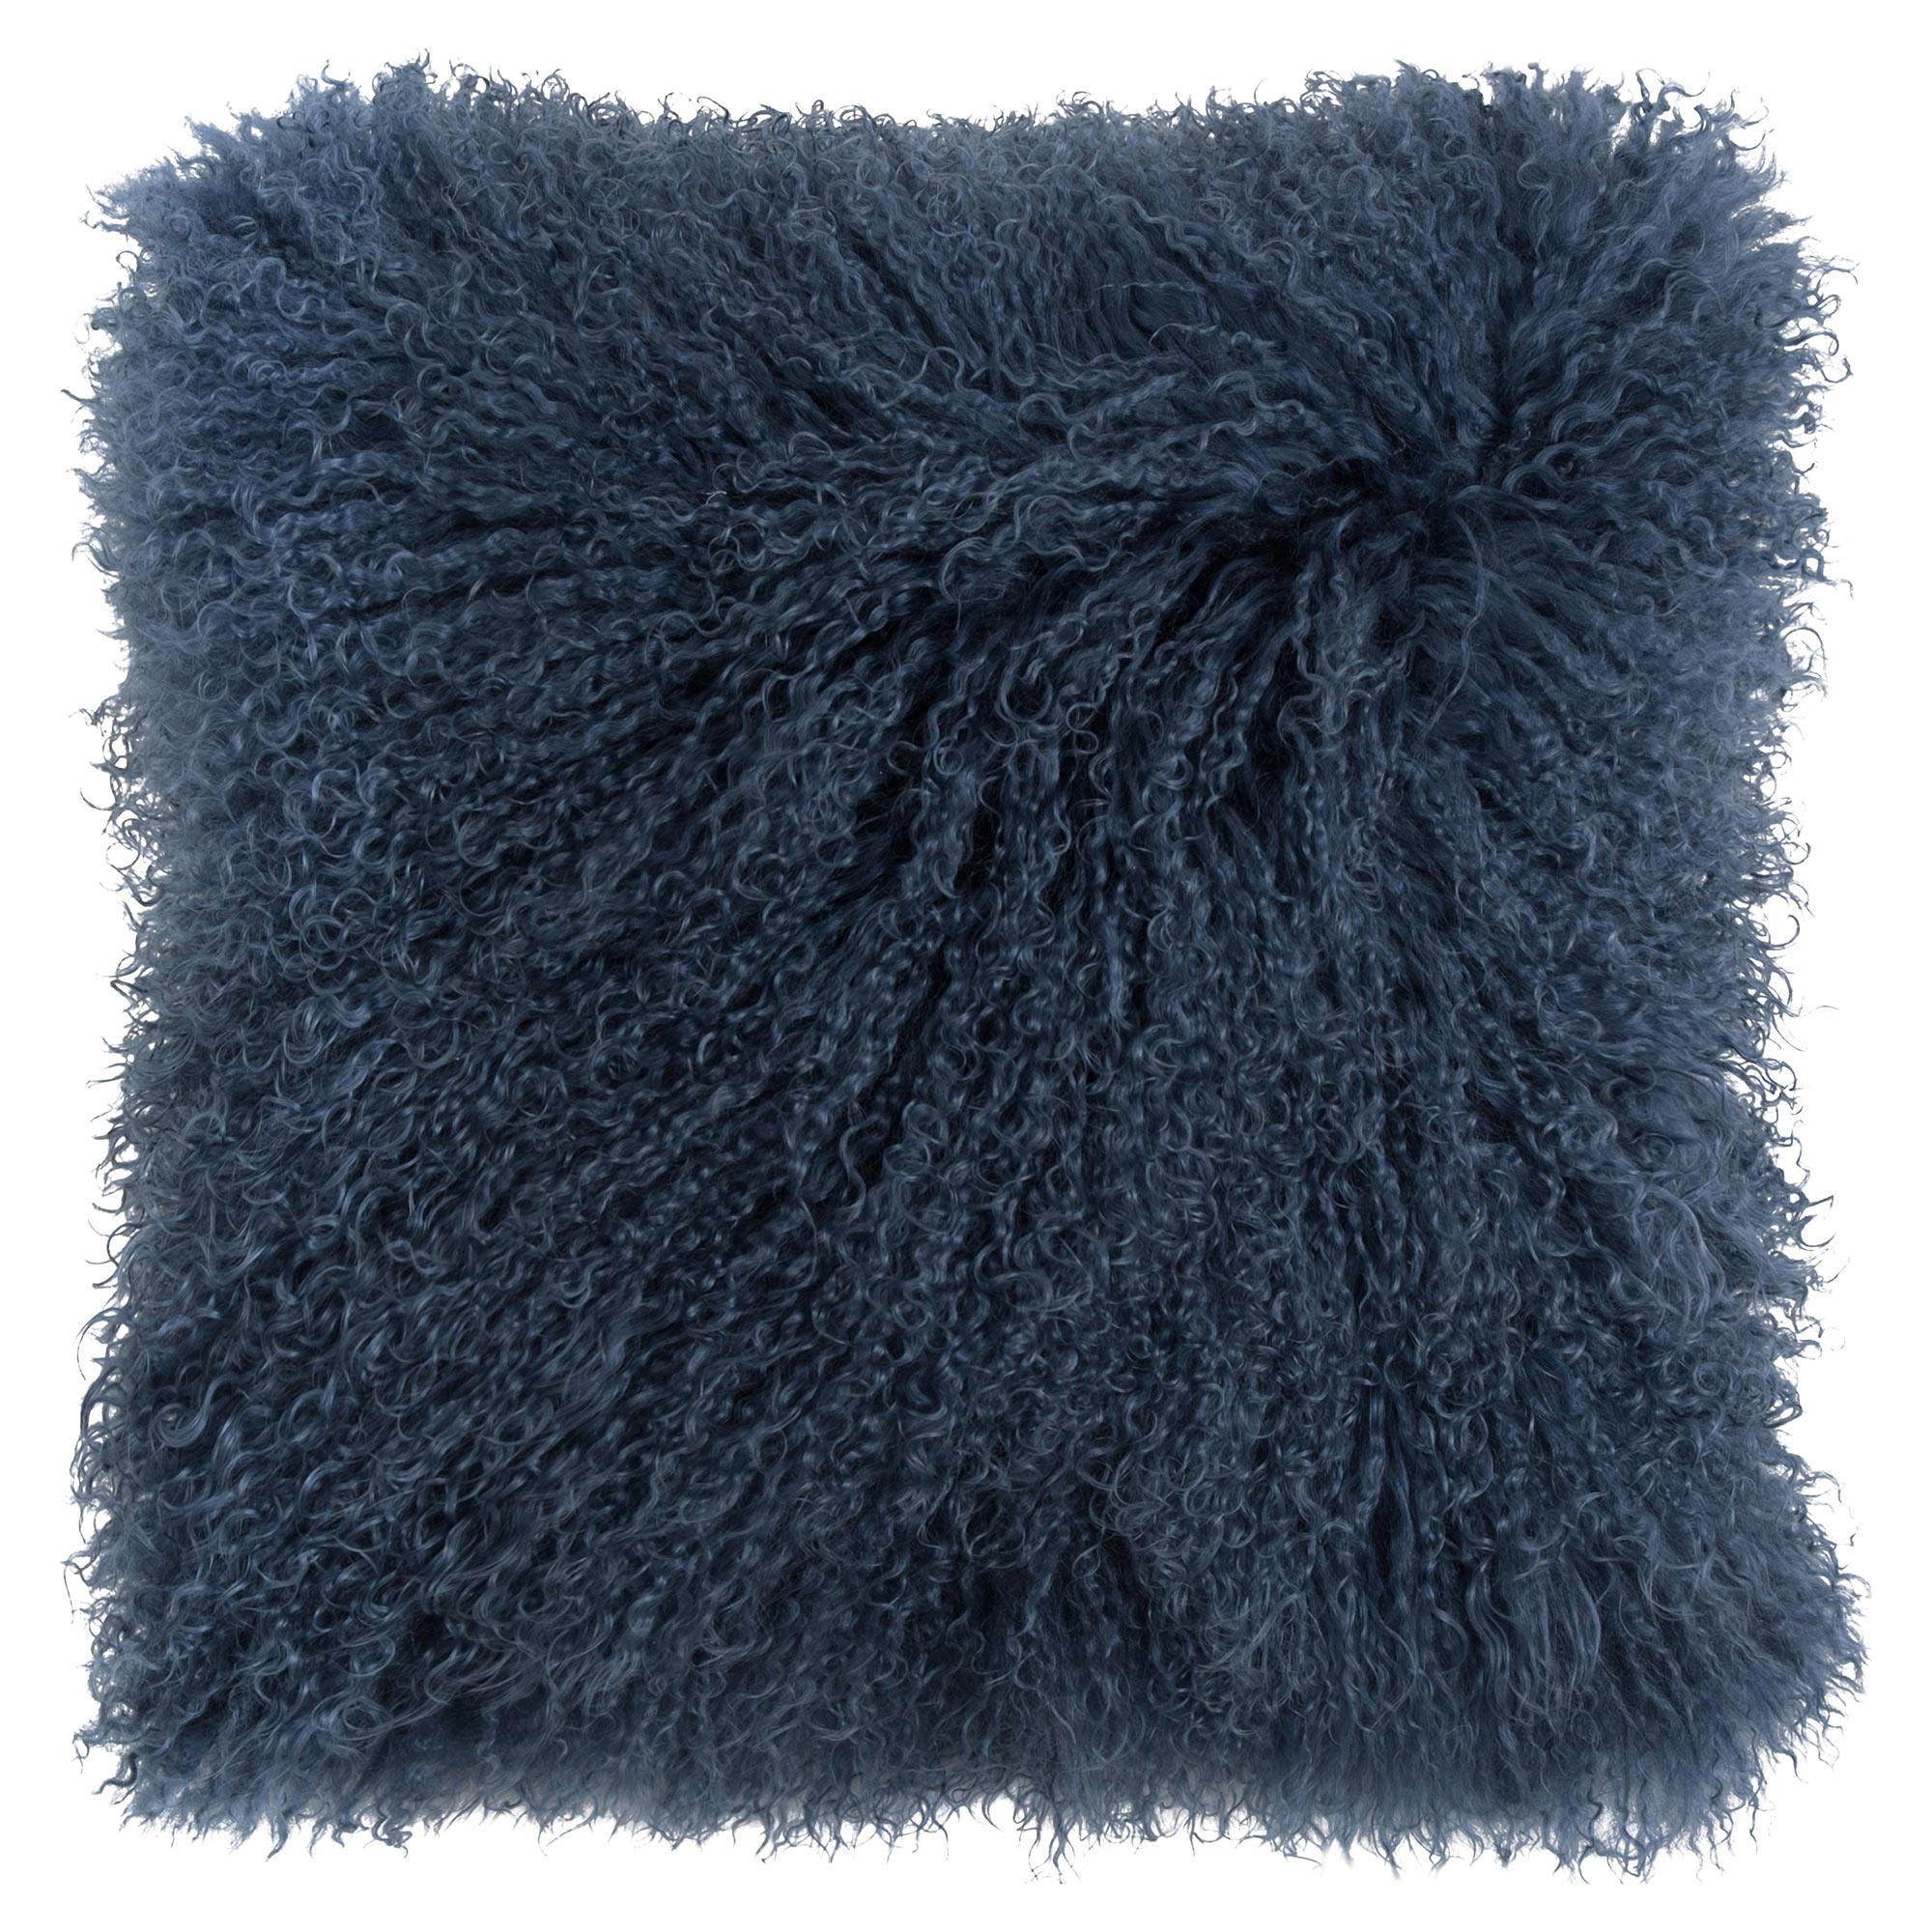 Devi Global Tibetan Textured Wool Navy Blue Pillow - 16x16